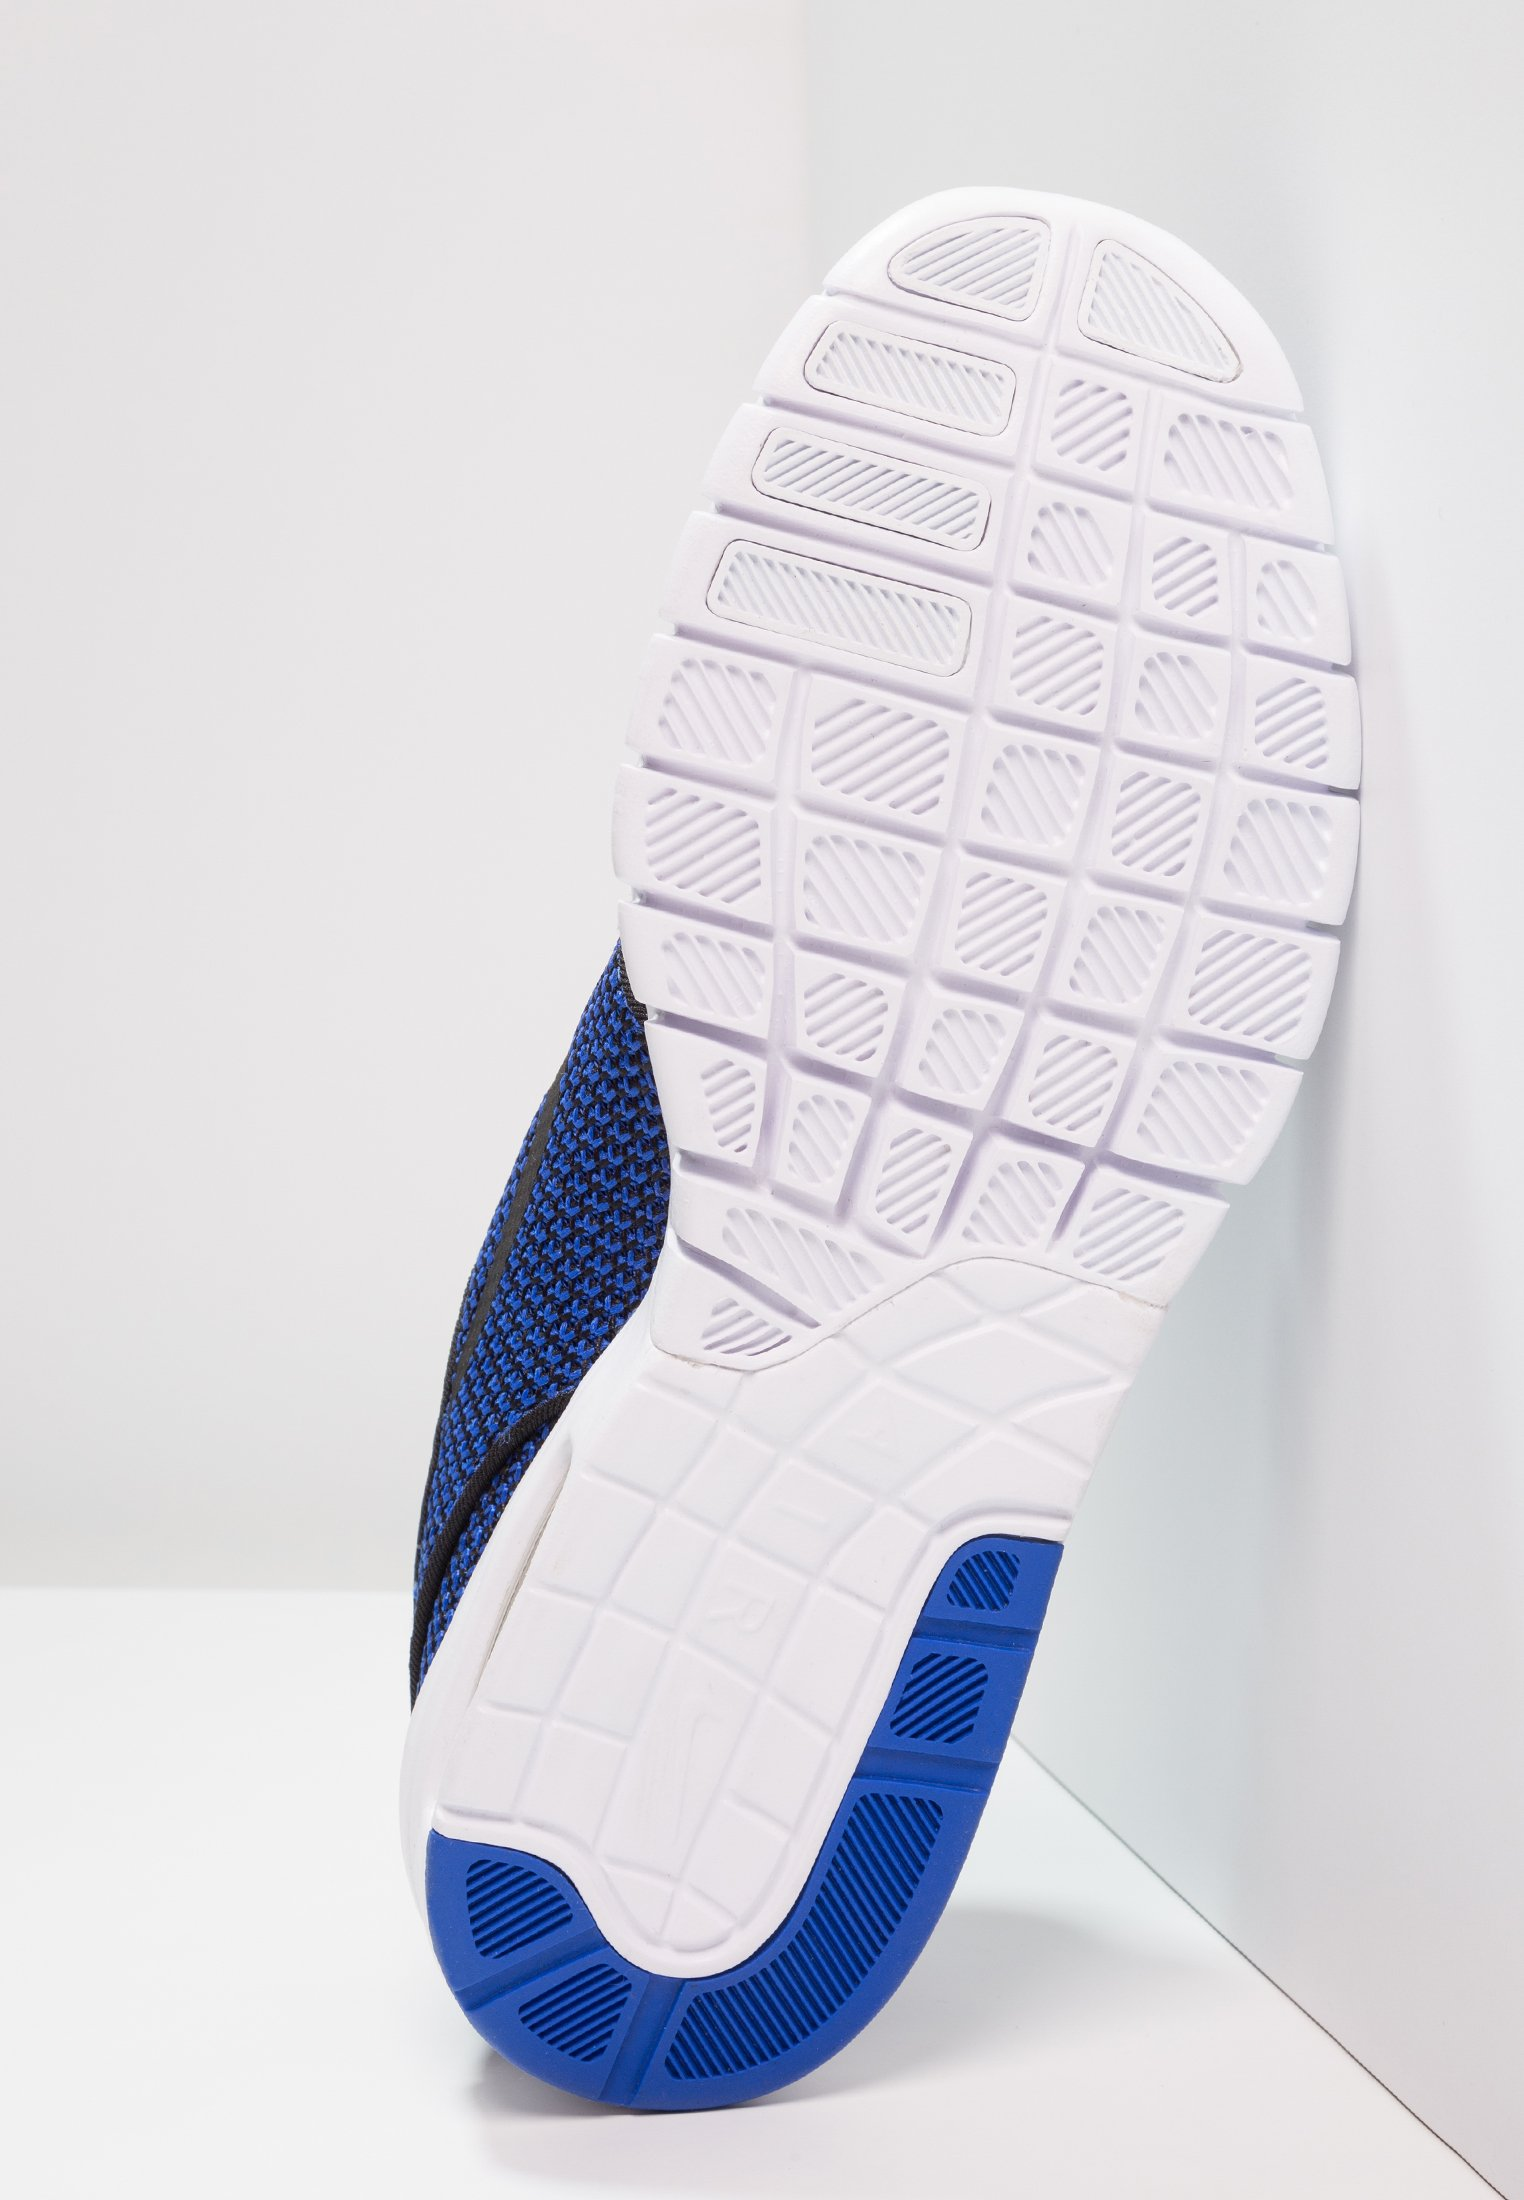 MaxBaskets Hyper black white Stefan Sb Basses Royal Janoski Nike R5qLj34A